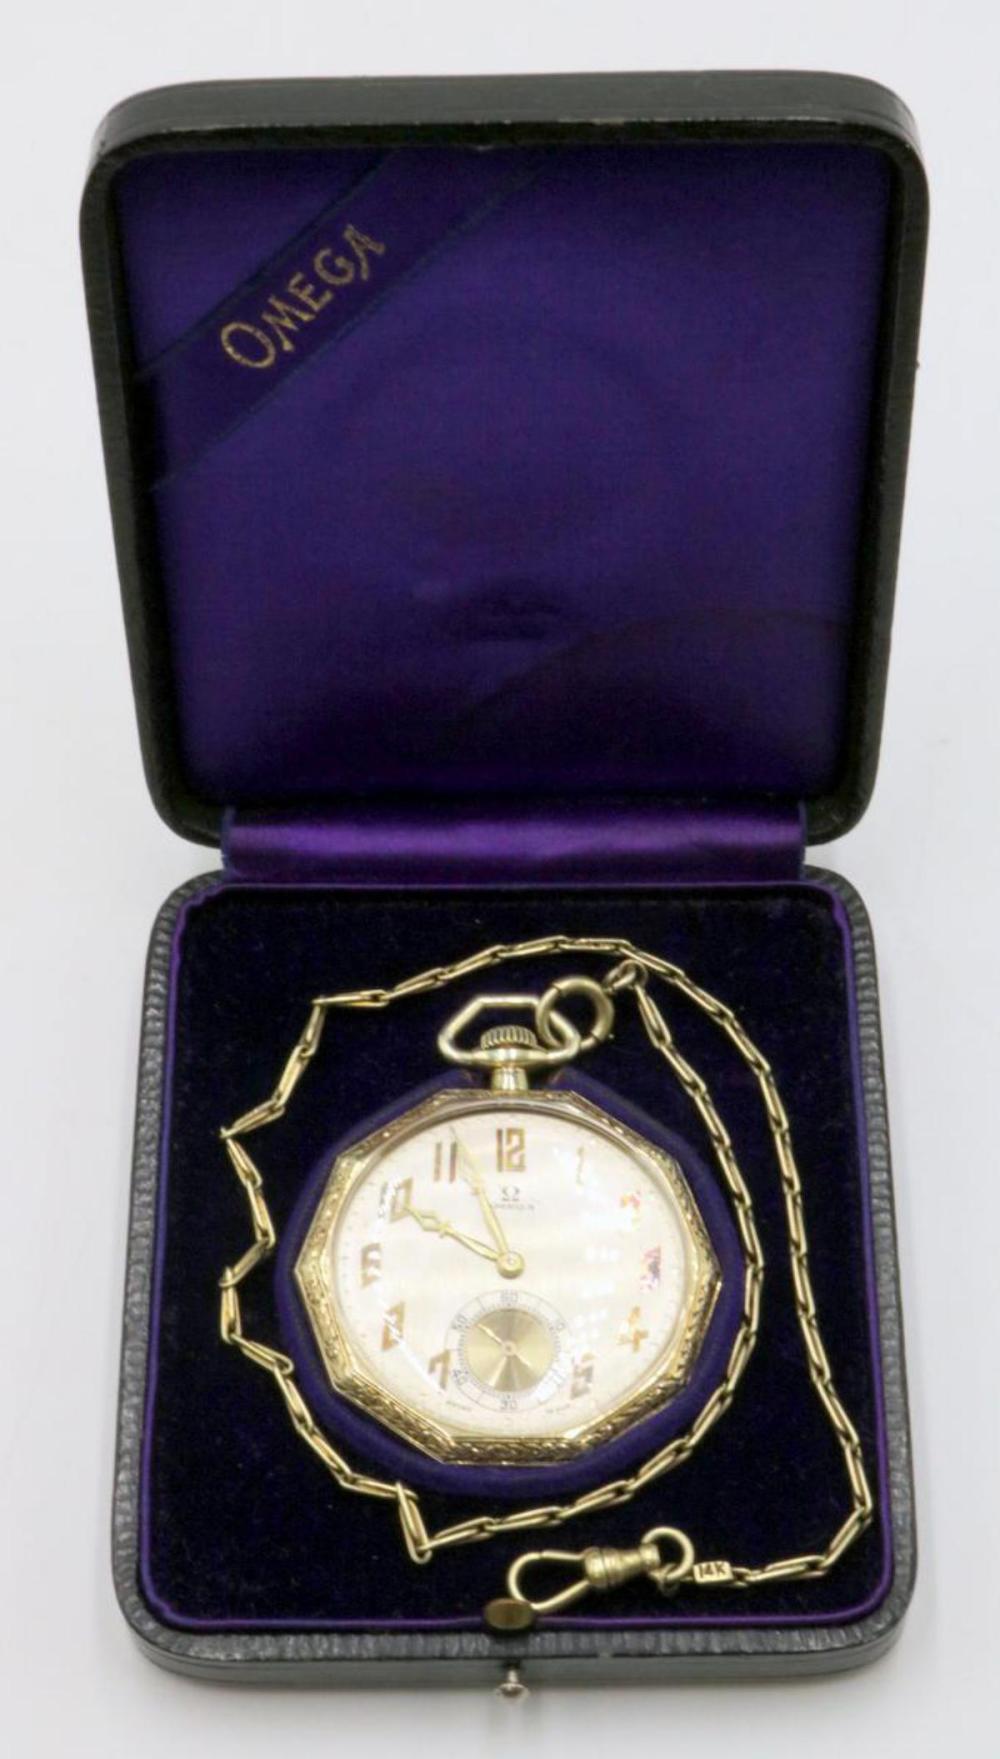 Antique Omega 14Kt Pocket Watch w/ Case